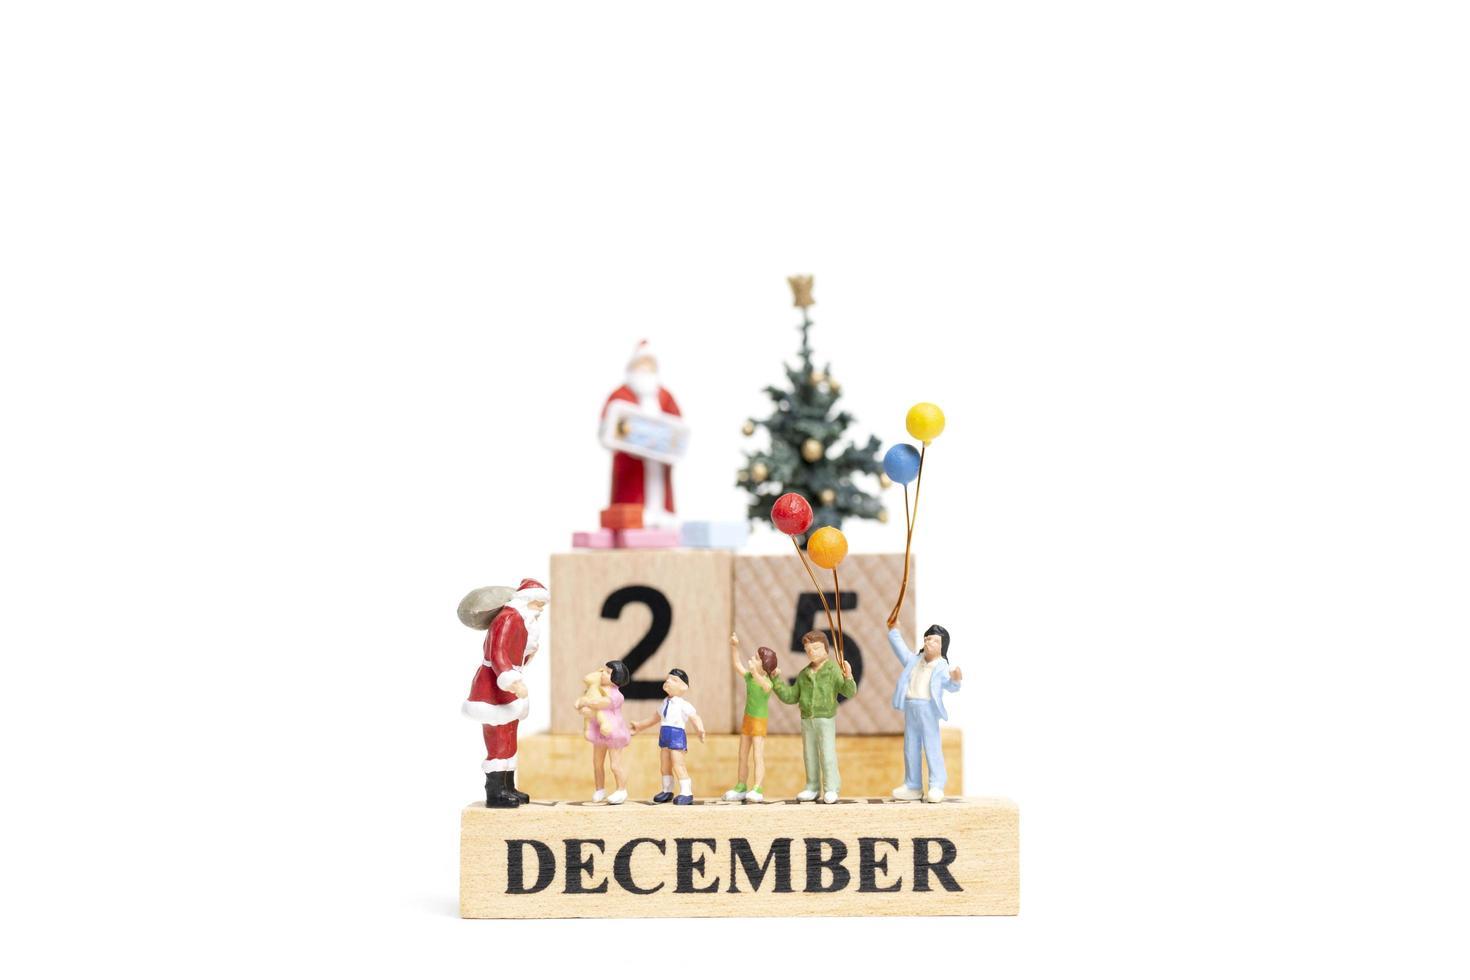 Père Noël miniature tenant des cadeaux pour une famille heureuse avec la date du 25 décembre sur fond blanc photo